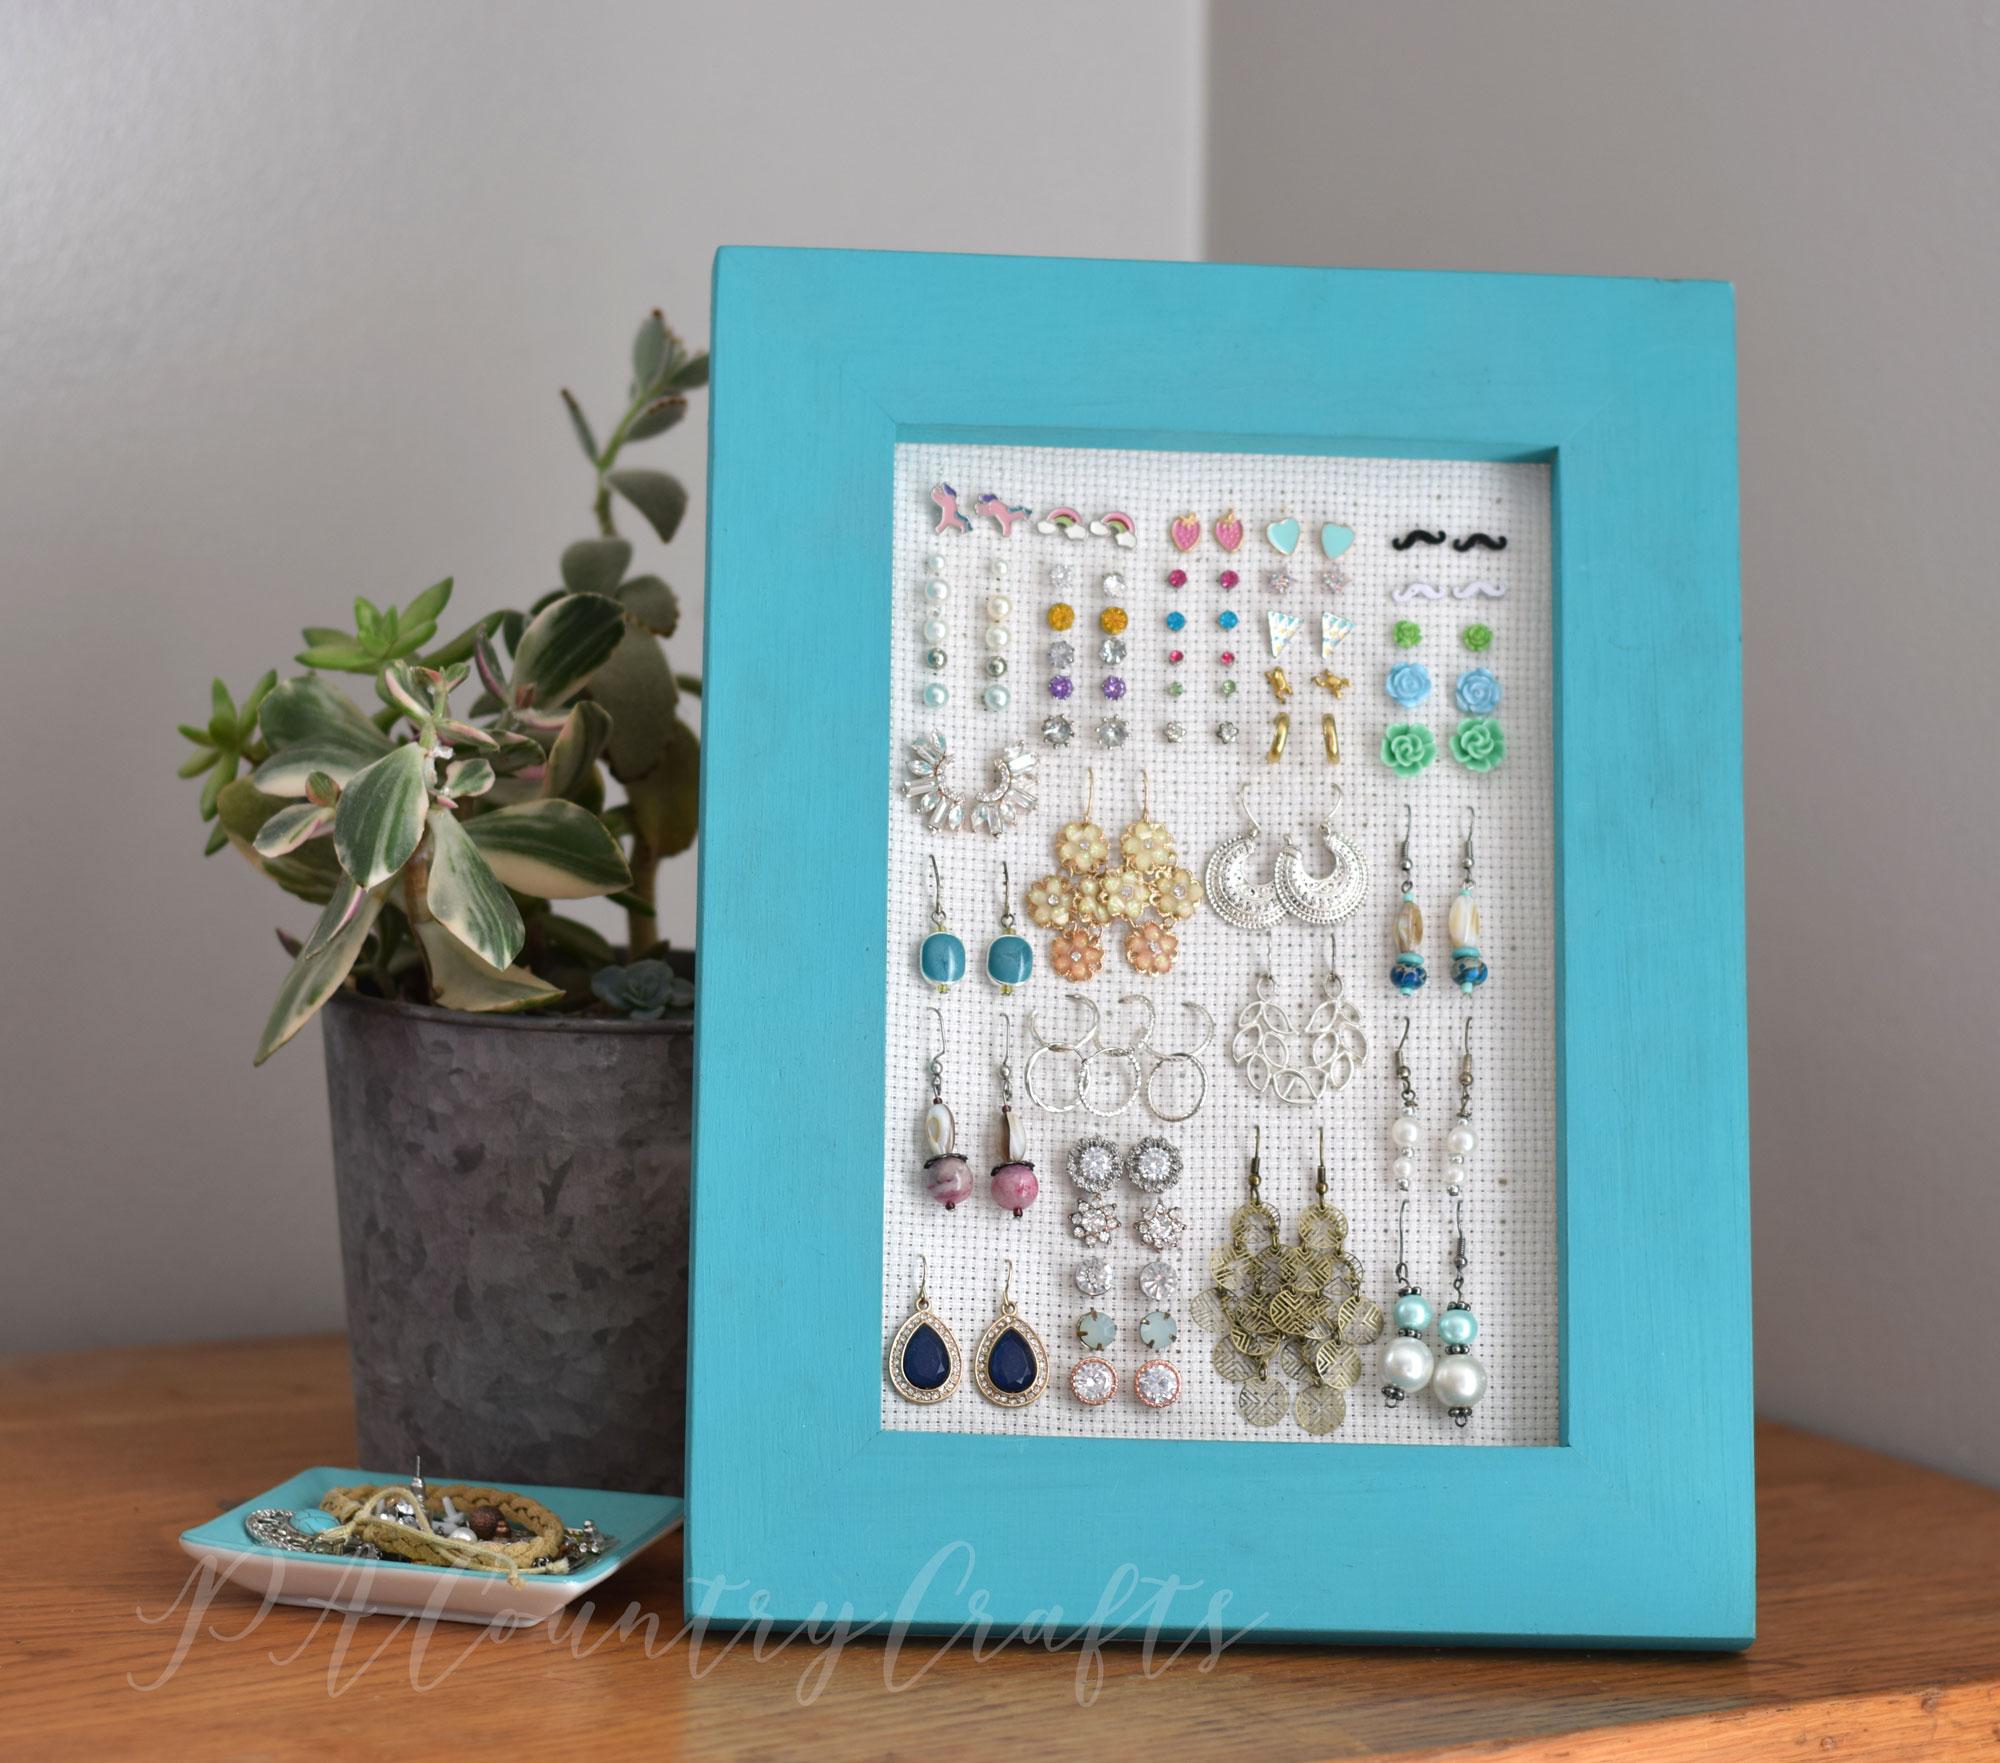 Make an easy frame earring holder to keep earrings organized!